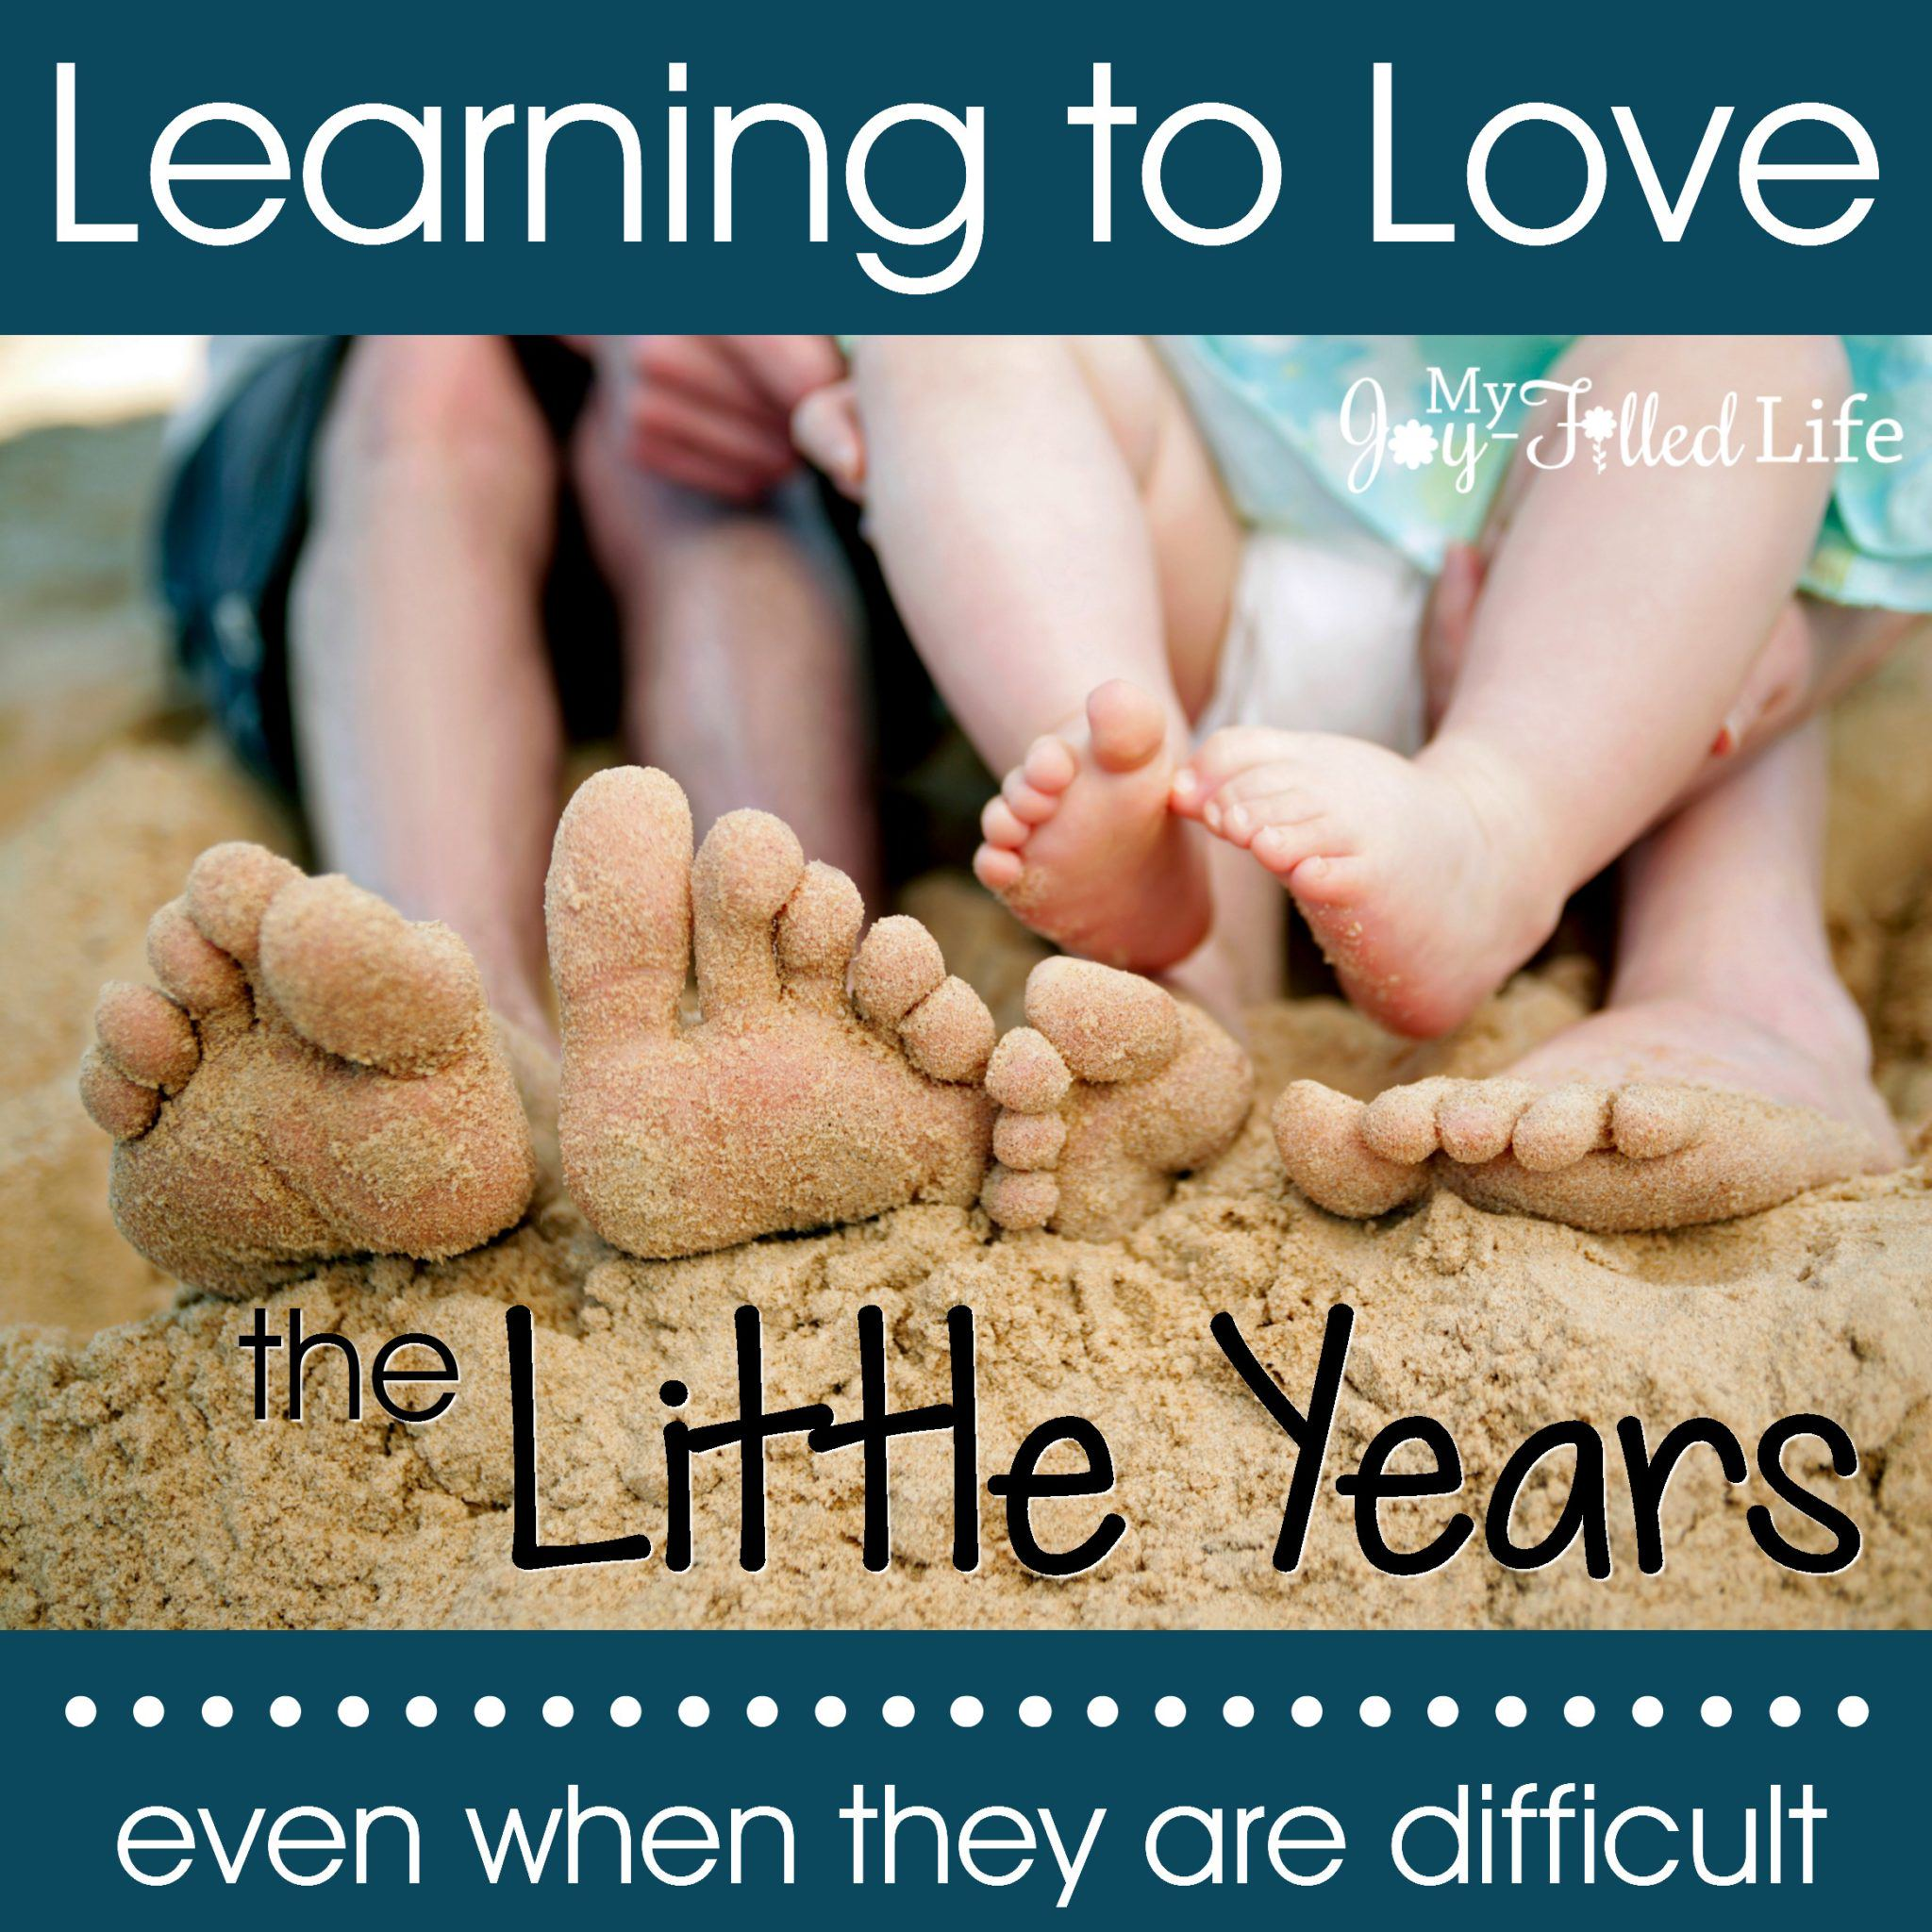 学会爱那些小小的岁月